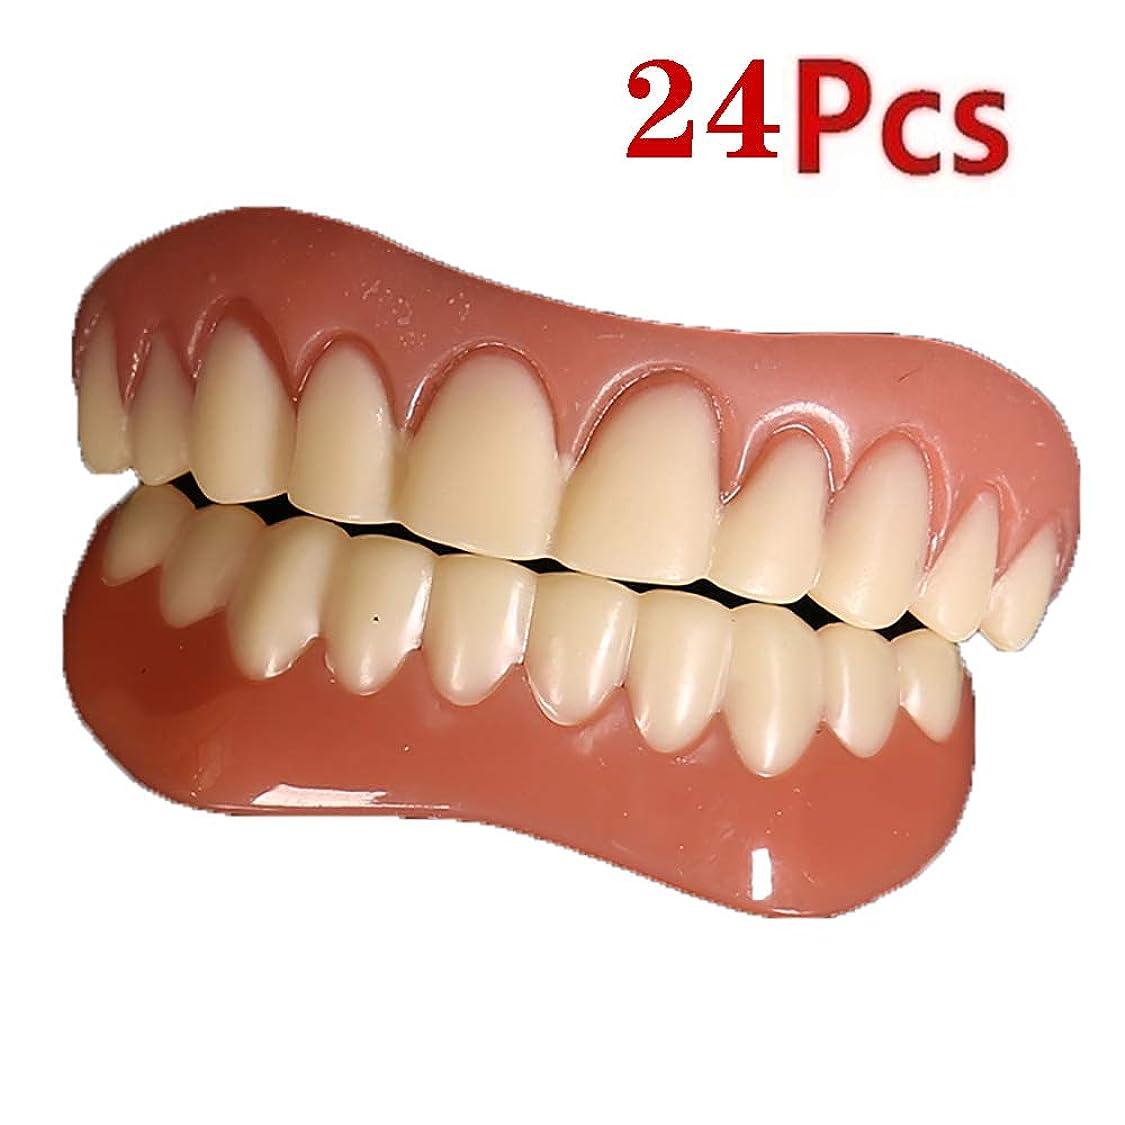 言い直すテロリストショット24個パーフェクトスマイルベニヤダブのための歯の修正のための悪い歯のための完璧なスマイルベニヤ歯ホワイトニング